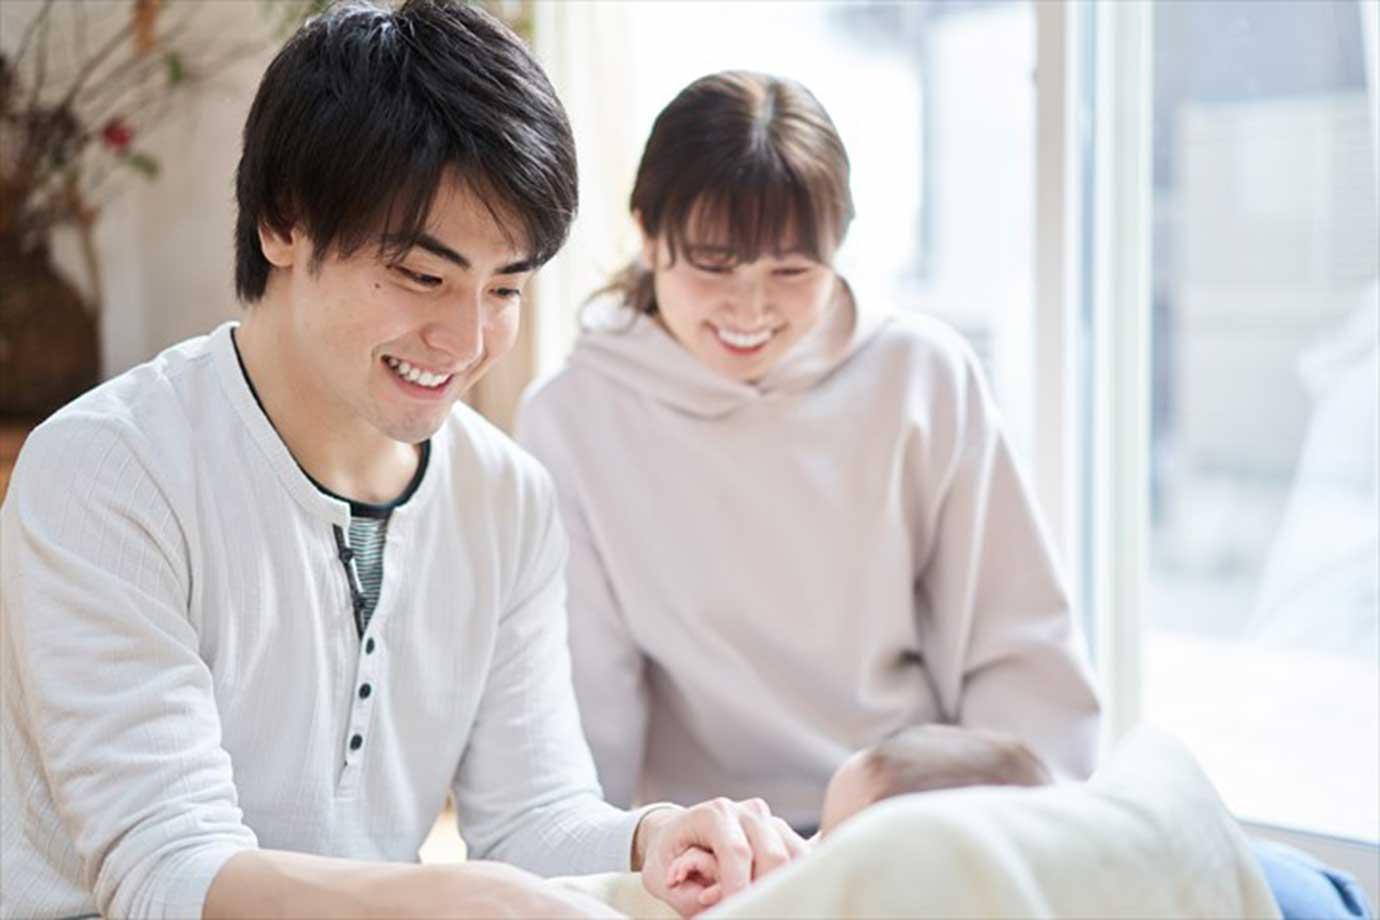 つらいときは、しっかりと言葉で自分の気持ちや状況を伝え、夫婦が共に協力して育児を行える関係づくりを意識してみてください